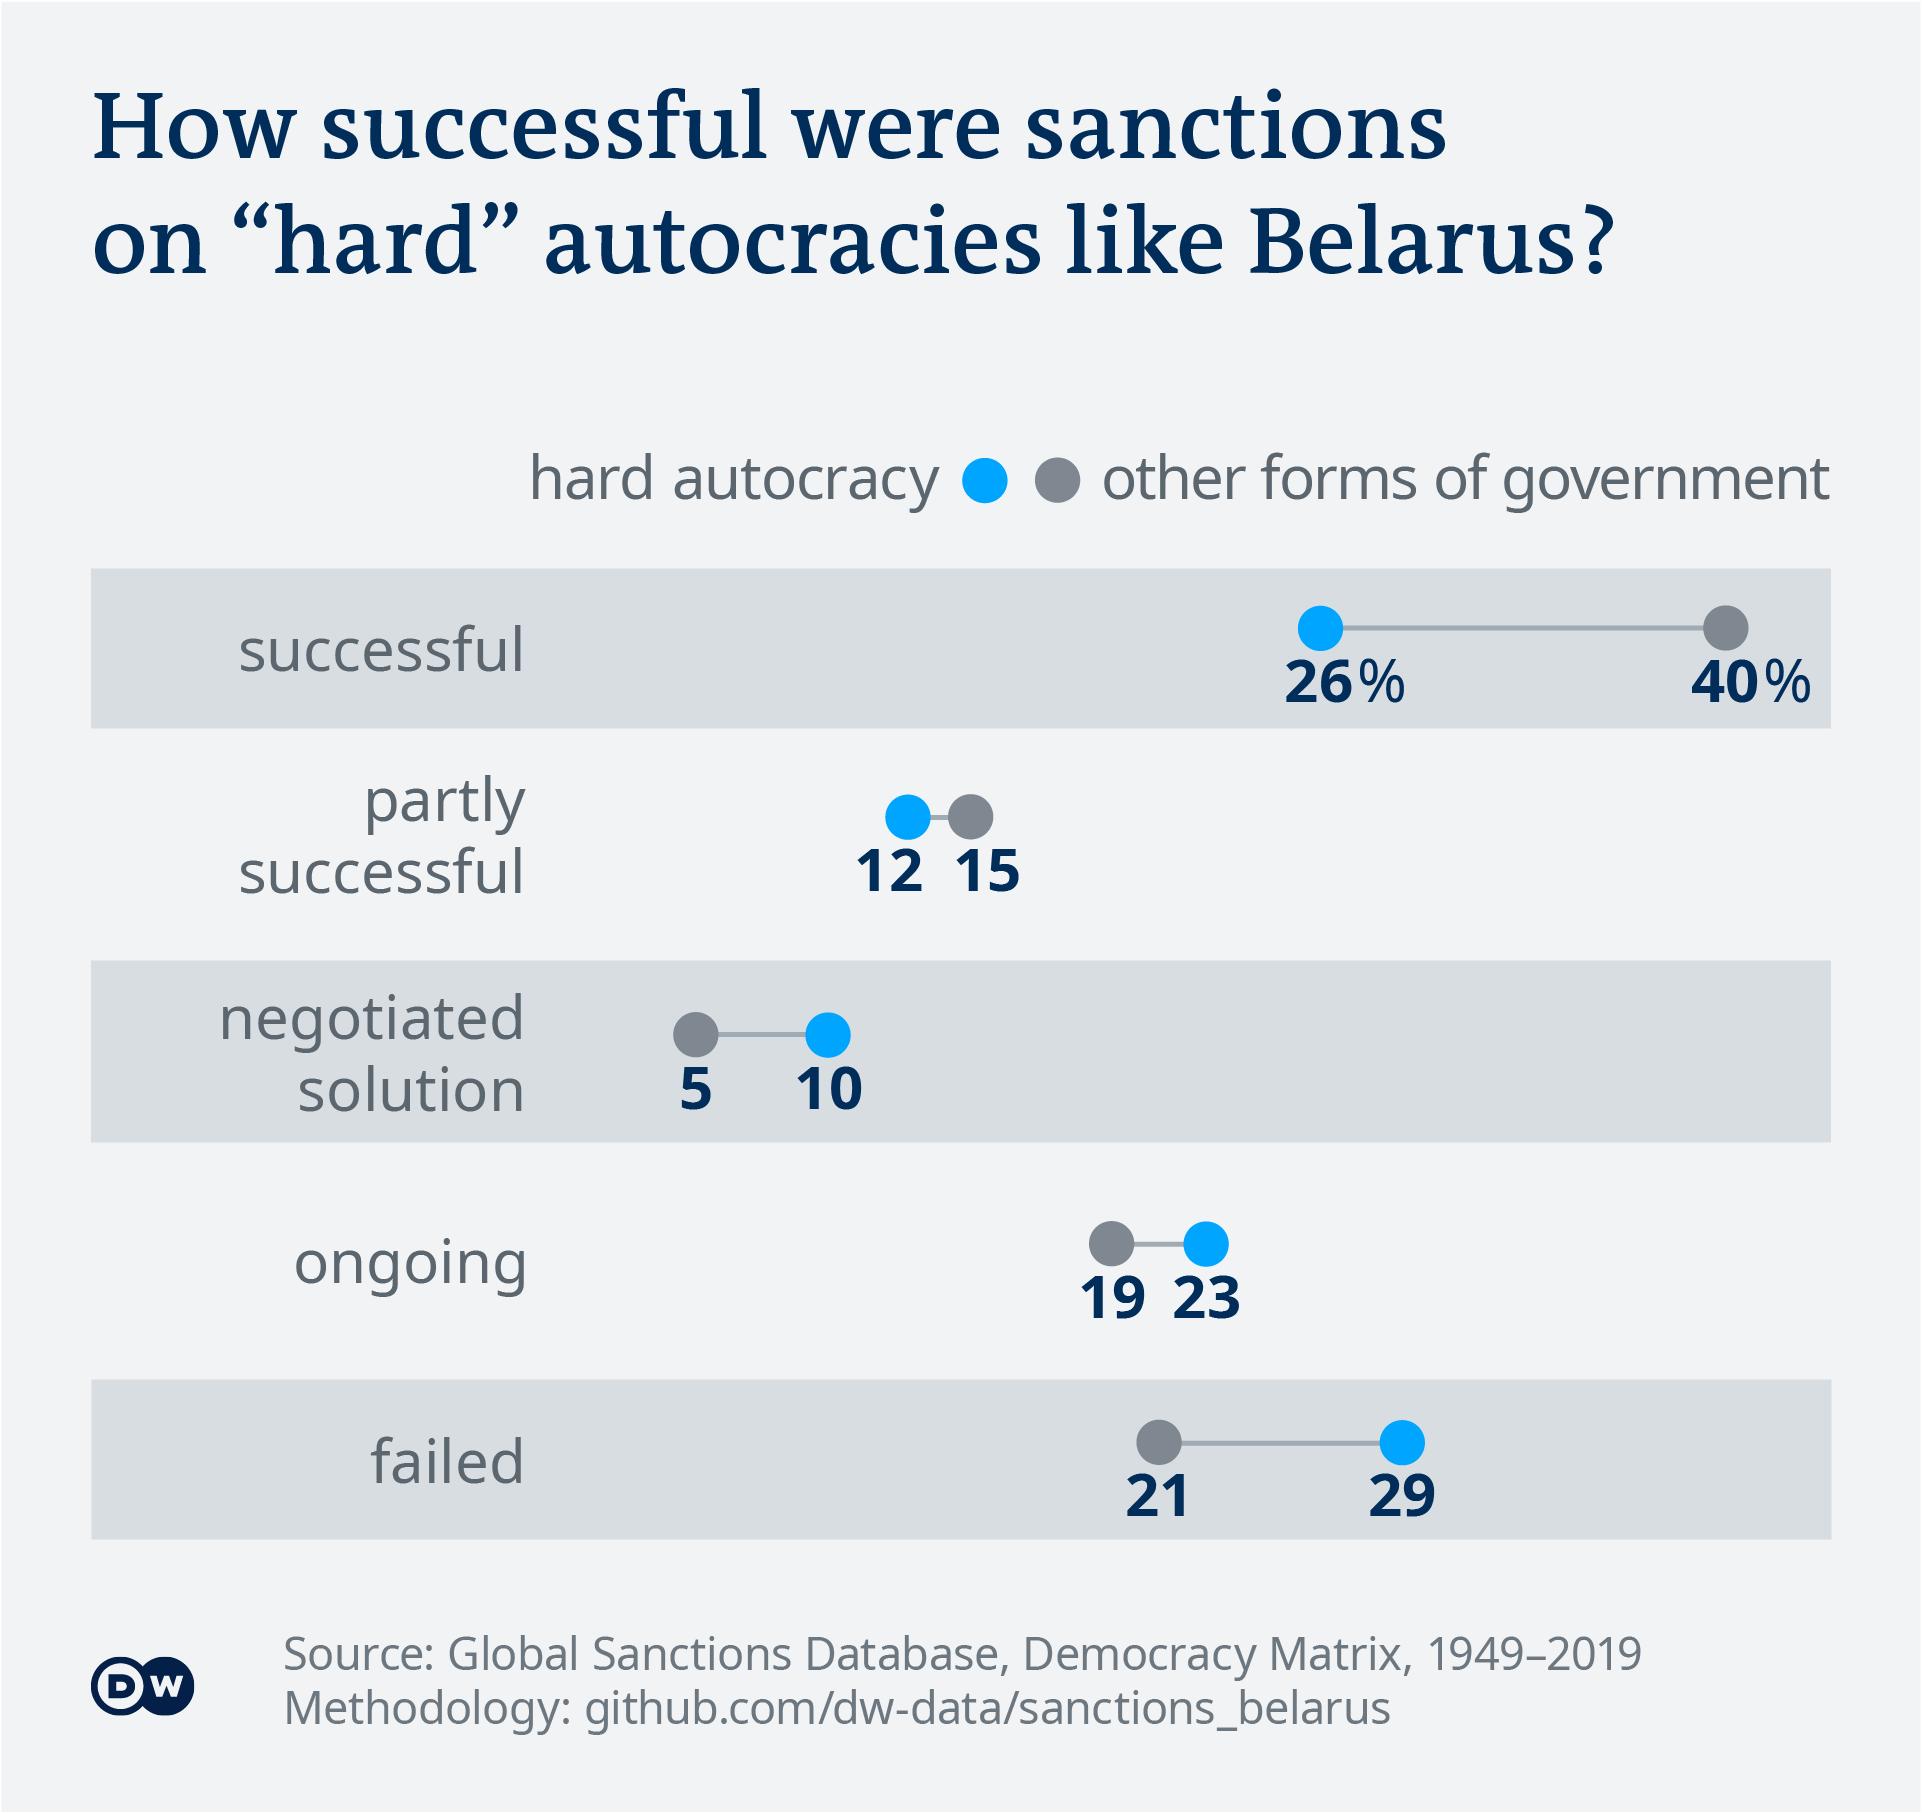 Візуалізація даних: рівень успіху санкцій проти твердих авторитарних режимів - англійська - використання лише з історією даних